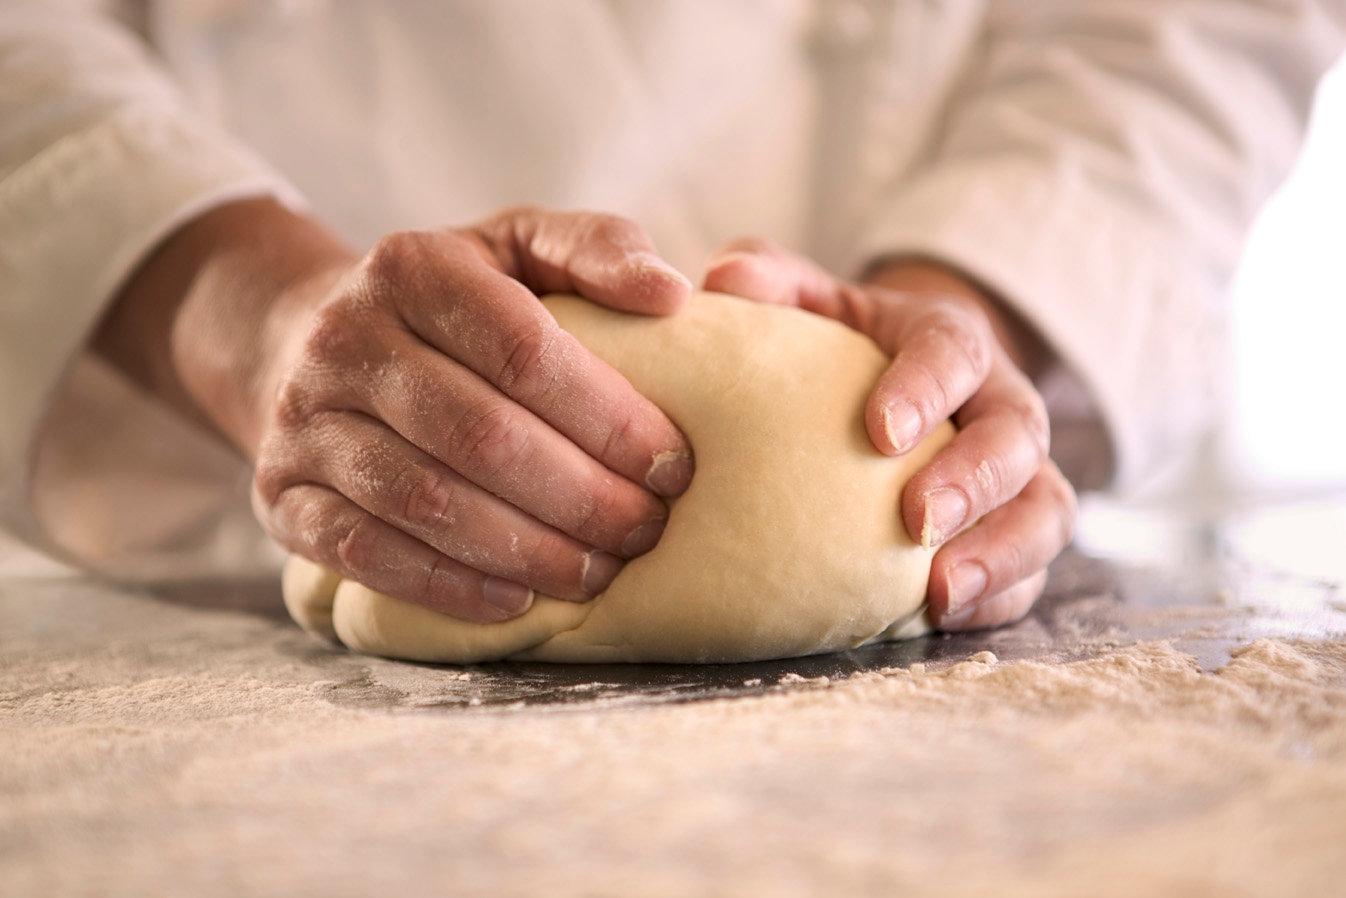 Micapan La Bottega | Panificio artigianale vegan a Fenis | Valle d'Aosta